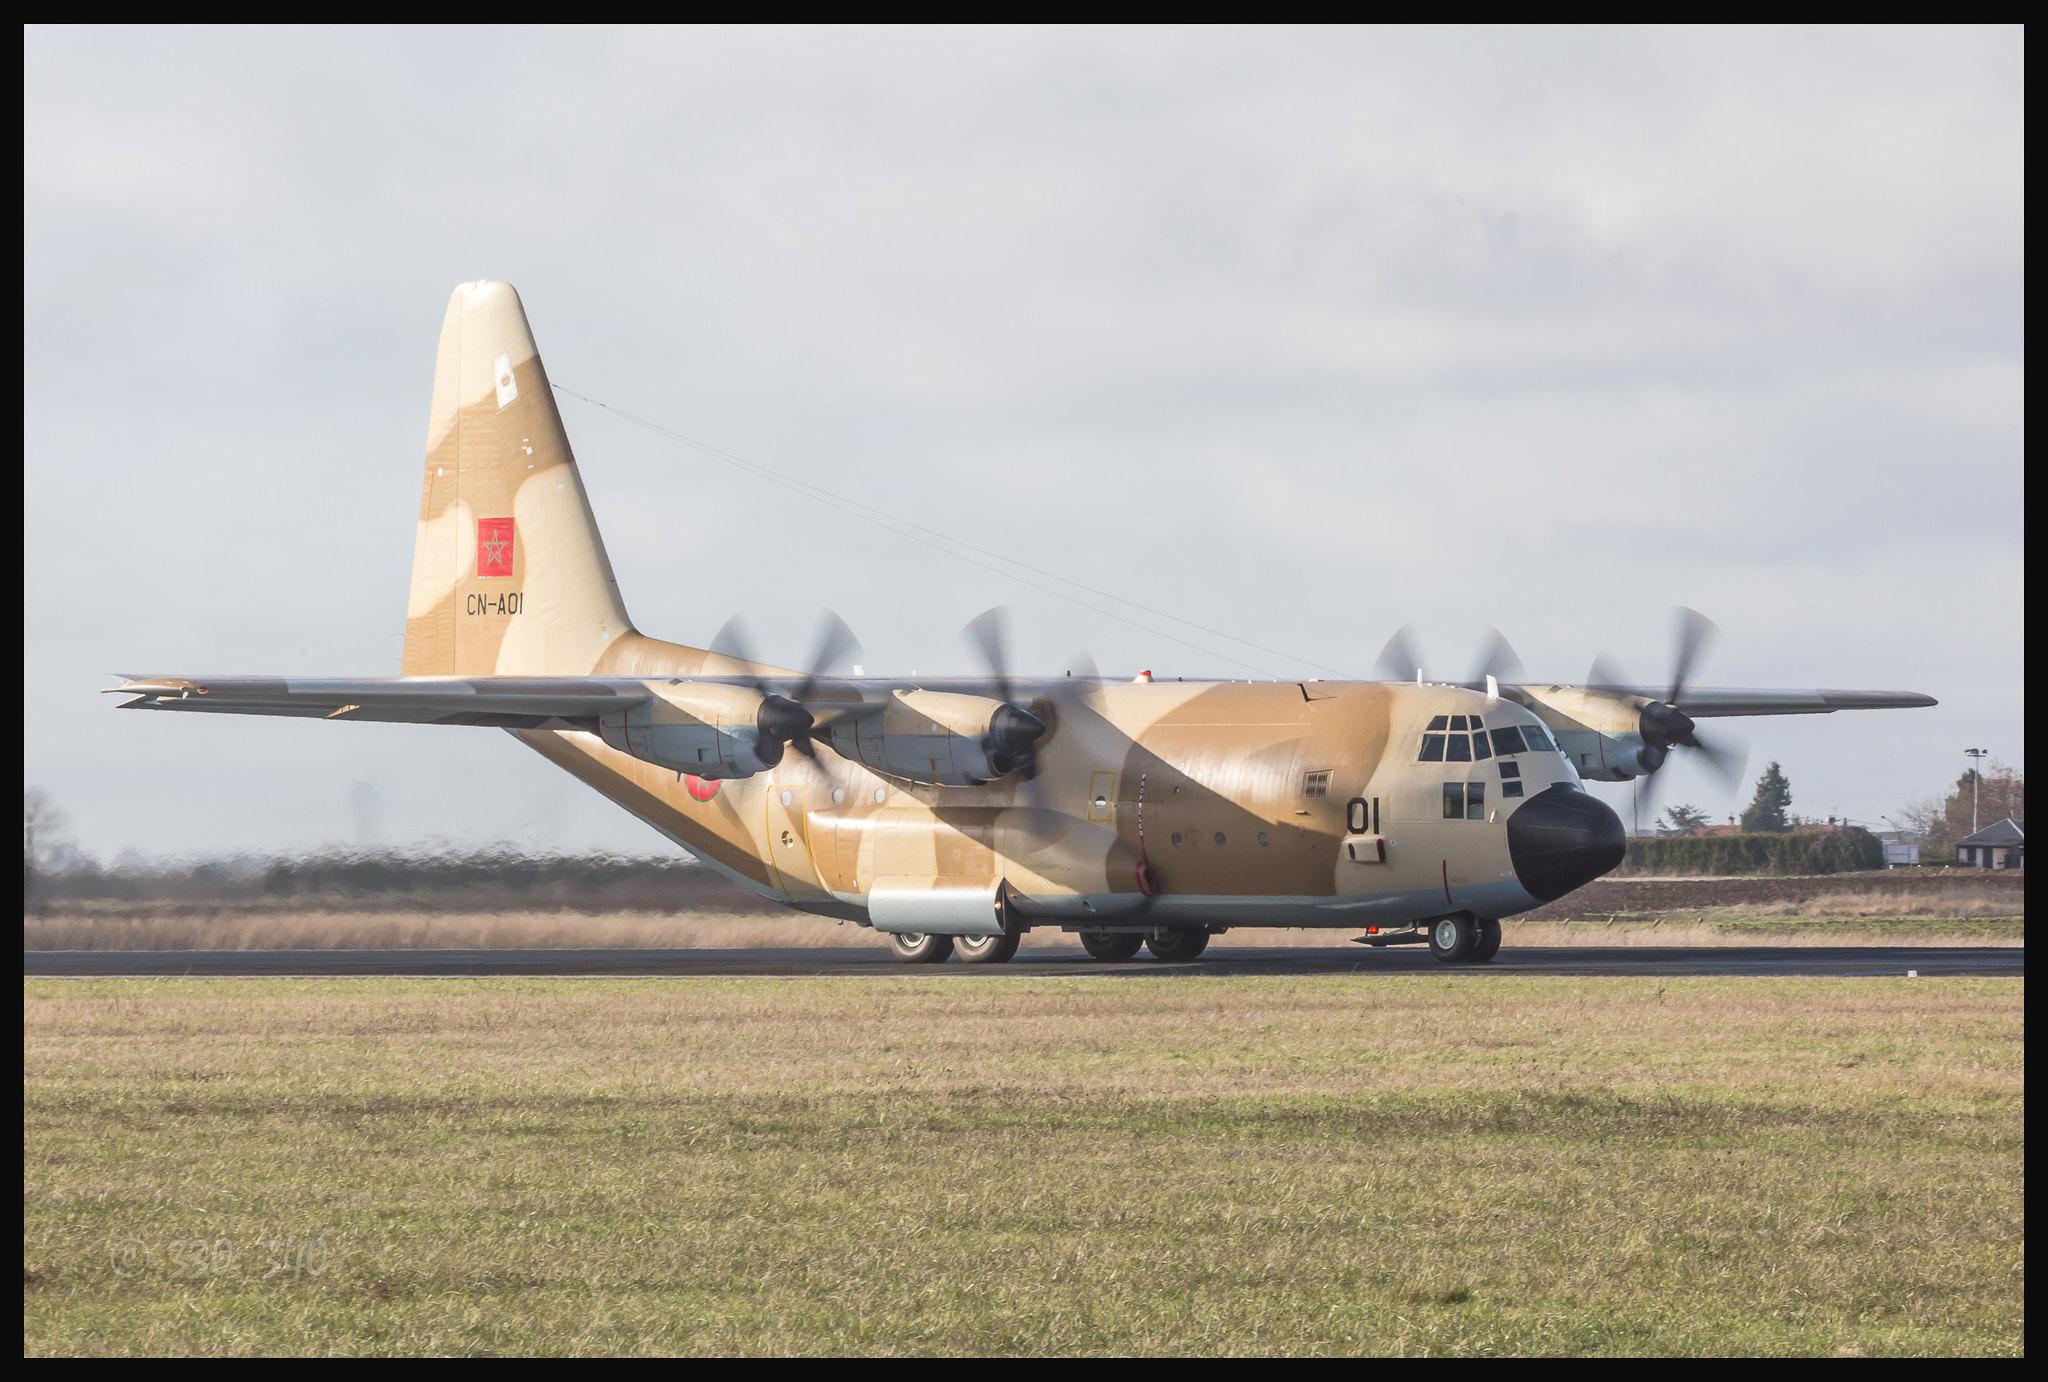 FRA: Photos d'avions de transport - Page 36 45670440954_ba29129403_k